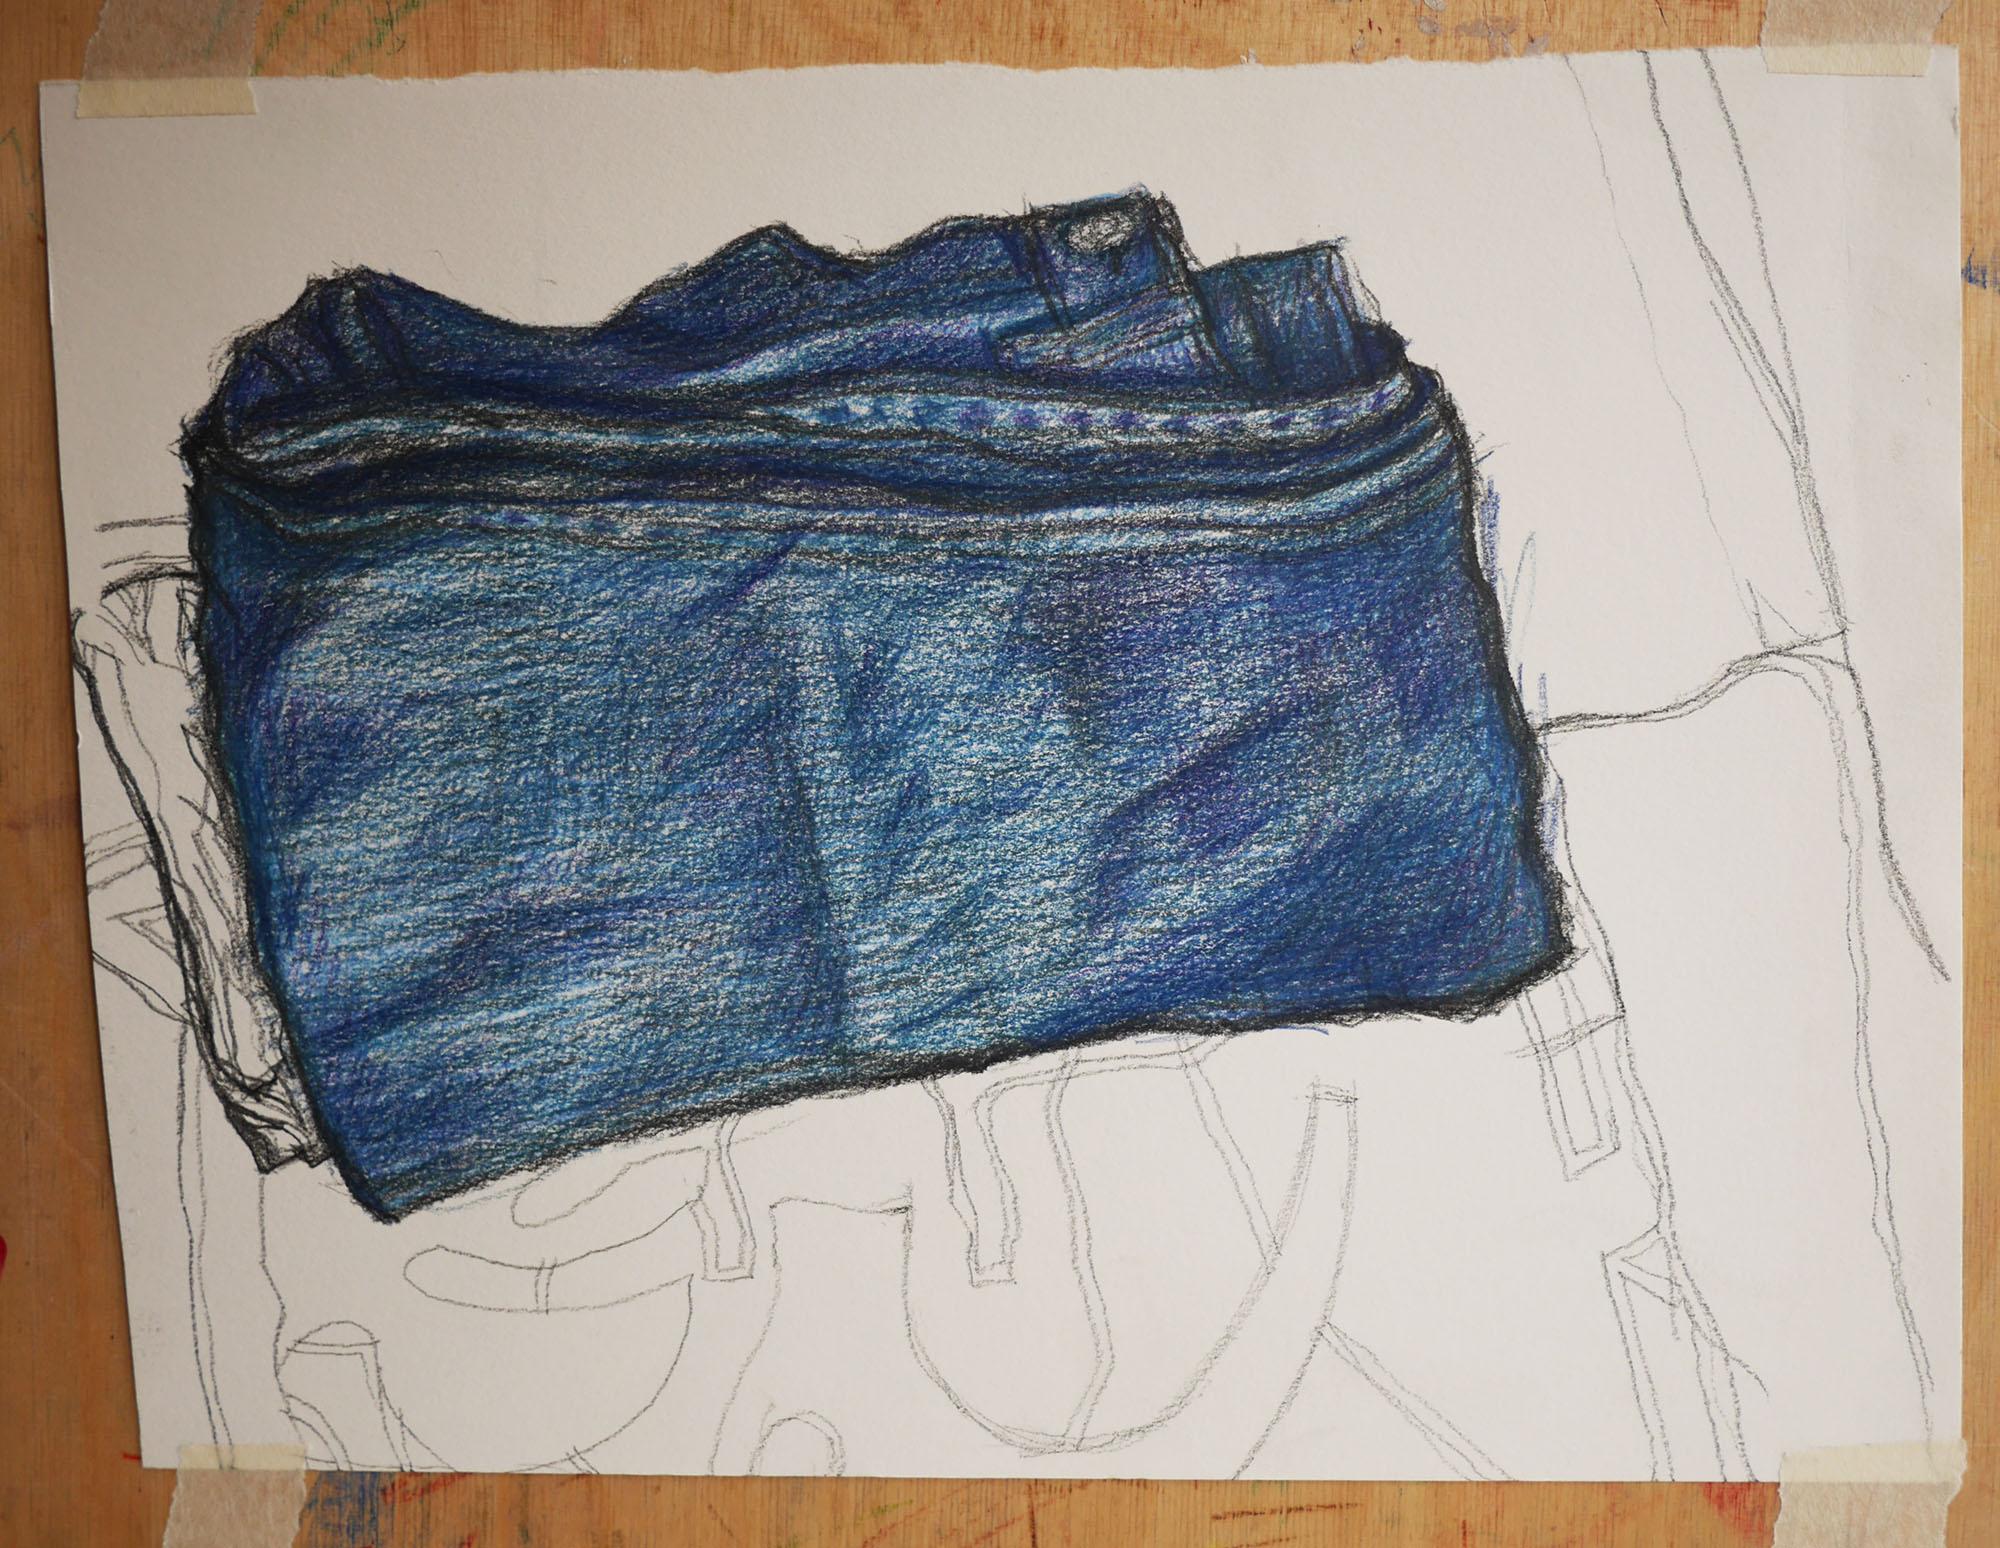 kleurpotlood tekening spijkerbroek pencilcolour drawing jeans